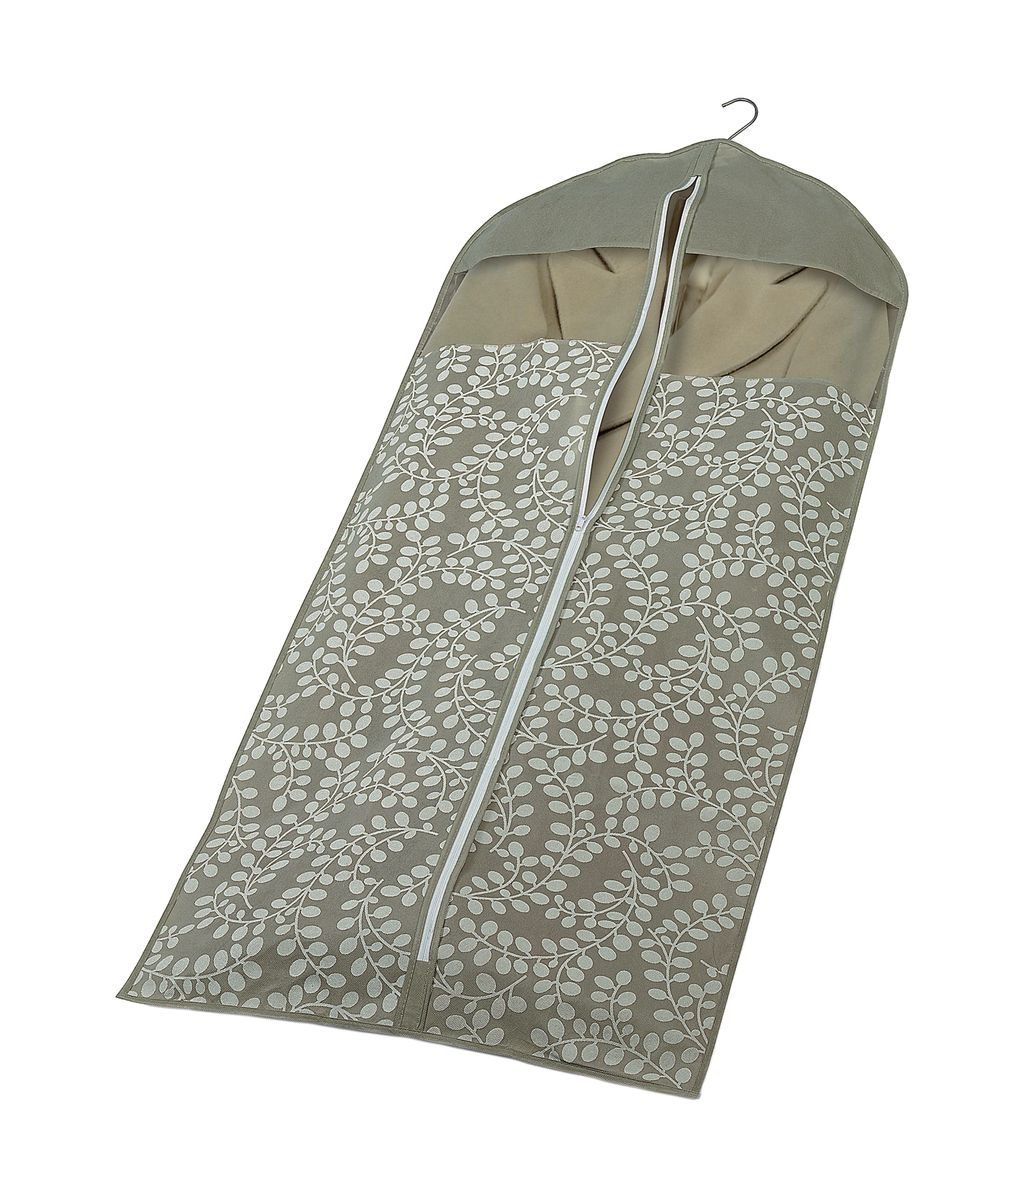 Чехол для пальто Cosatto Флораль, с молнией, цвет: бежевый, 137 х 60 см. COVLCATF10COVLCATF10Легкий чехол Cosatto Флораль выполнен из дышащего нетканого материала (полипропилен), безопасного в использовании. Чехол предназначен для хранения габаритной верхней одежды. Имеет два прозрачных окна, замок и специальное отверстие для крючка вешалки. Материал можно протирать в случае загрязнения влажной салфеткой или тряпкой. Надежно защищает от пыли, моли, солнечных лучей и загрязнения.